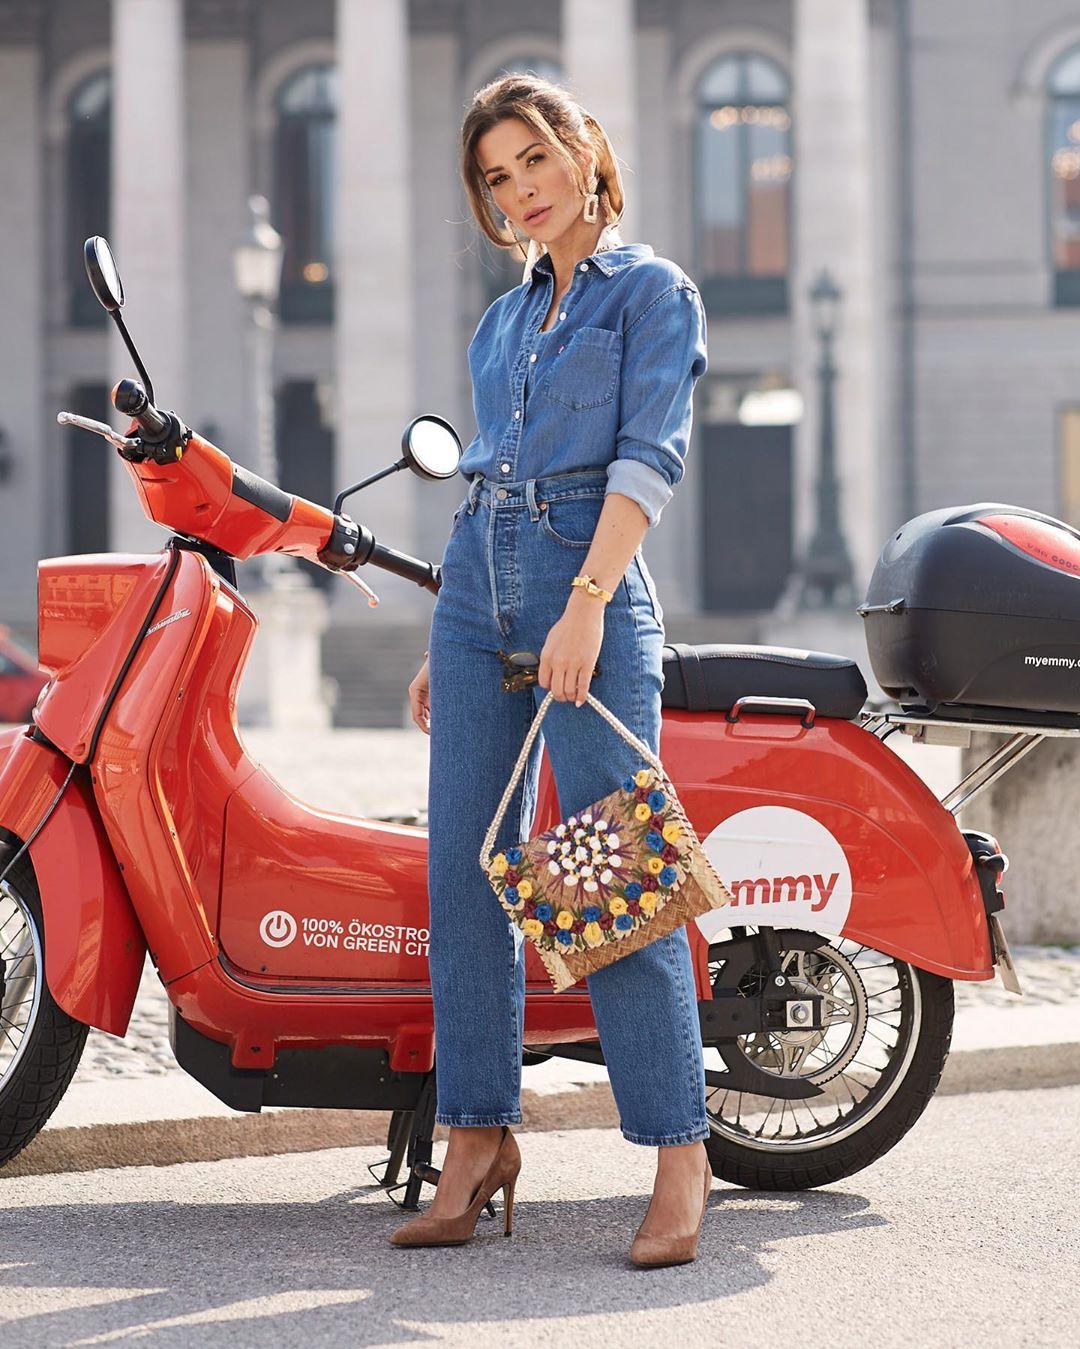 Gợi ý set đồ denim-on-denim chất cực chất từ fashion blogger Füsun Lindner 1 (25.5.2019)